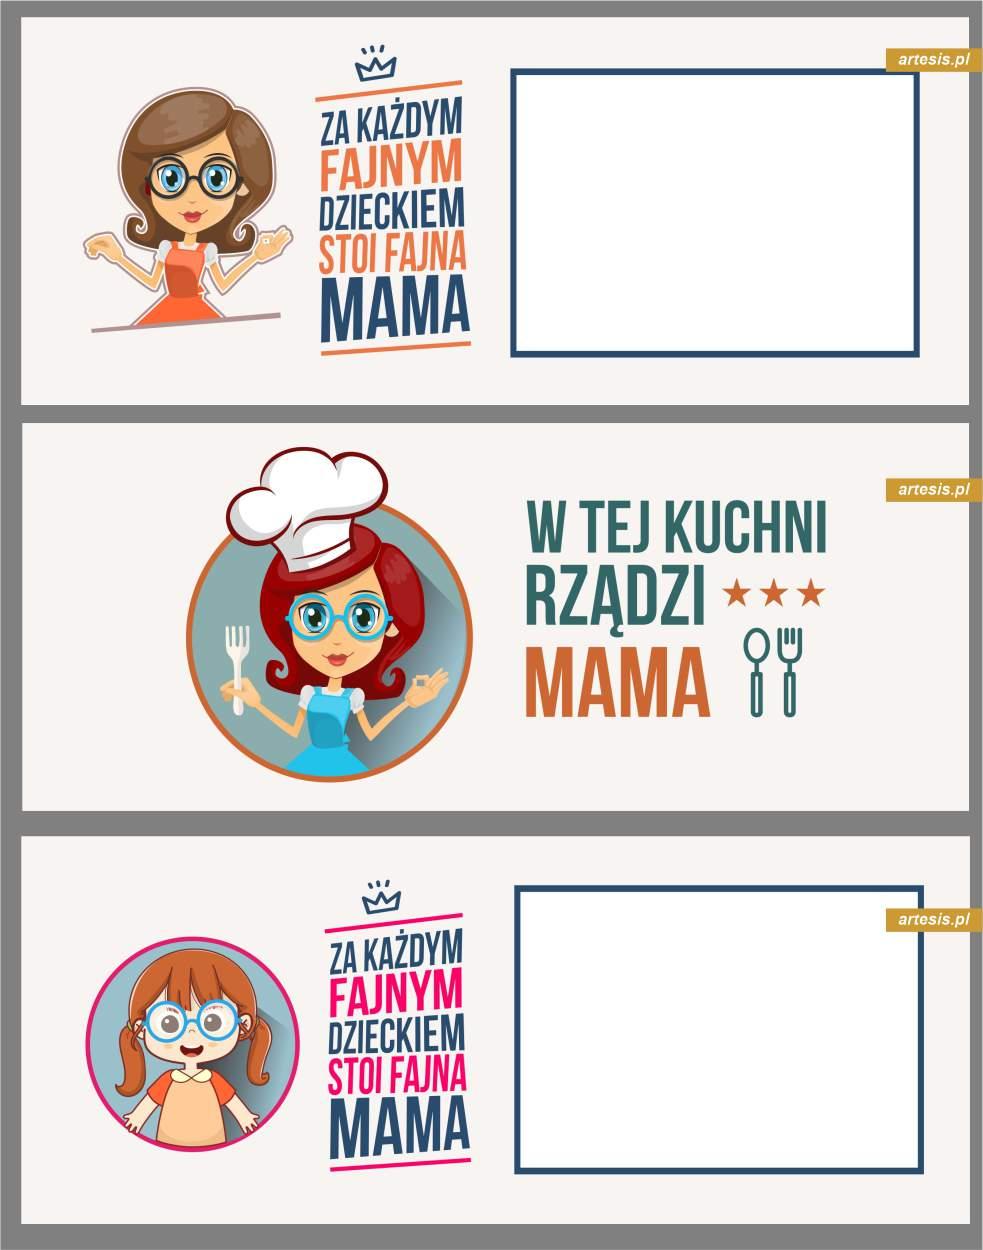 ramki na kubki dzień dziecka dla mamy dzień taty projekty za każdym fajnym dzieckiem stoi fajna mama w tej kuchni rządzi mama